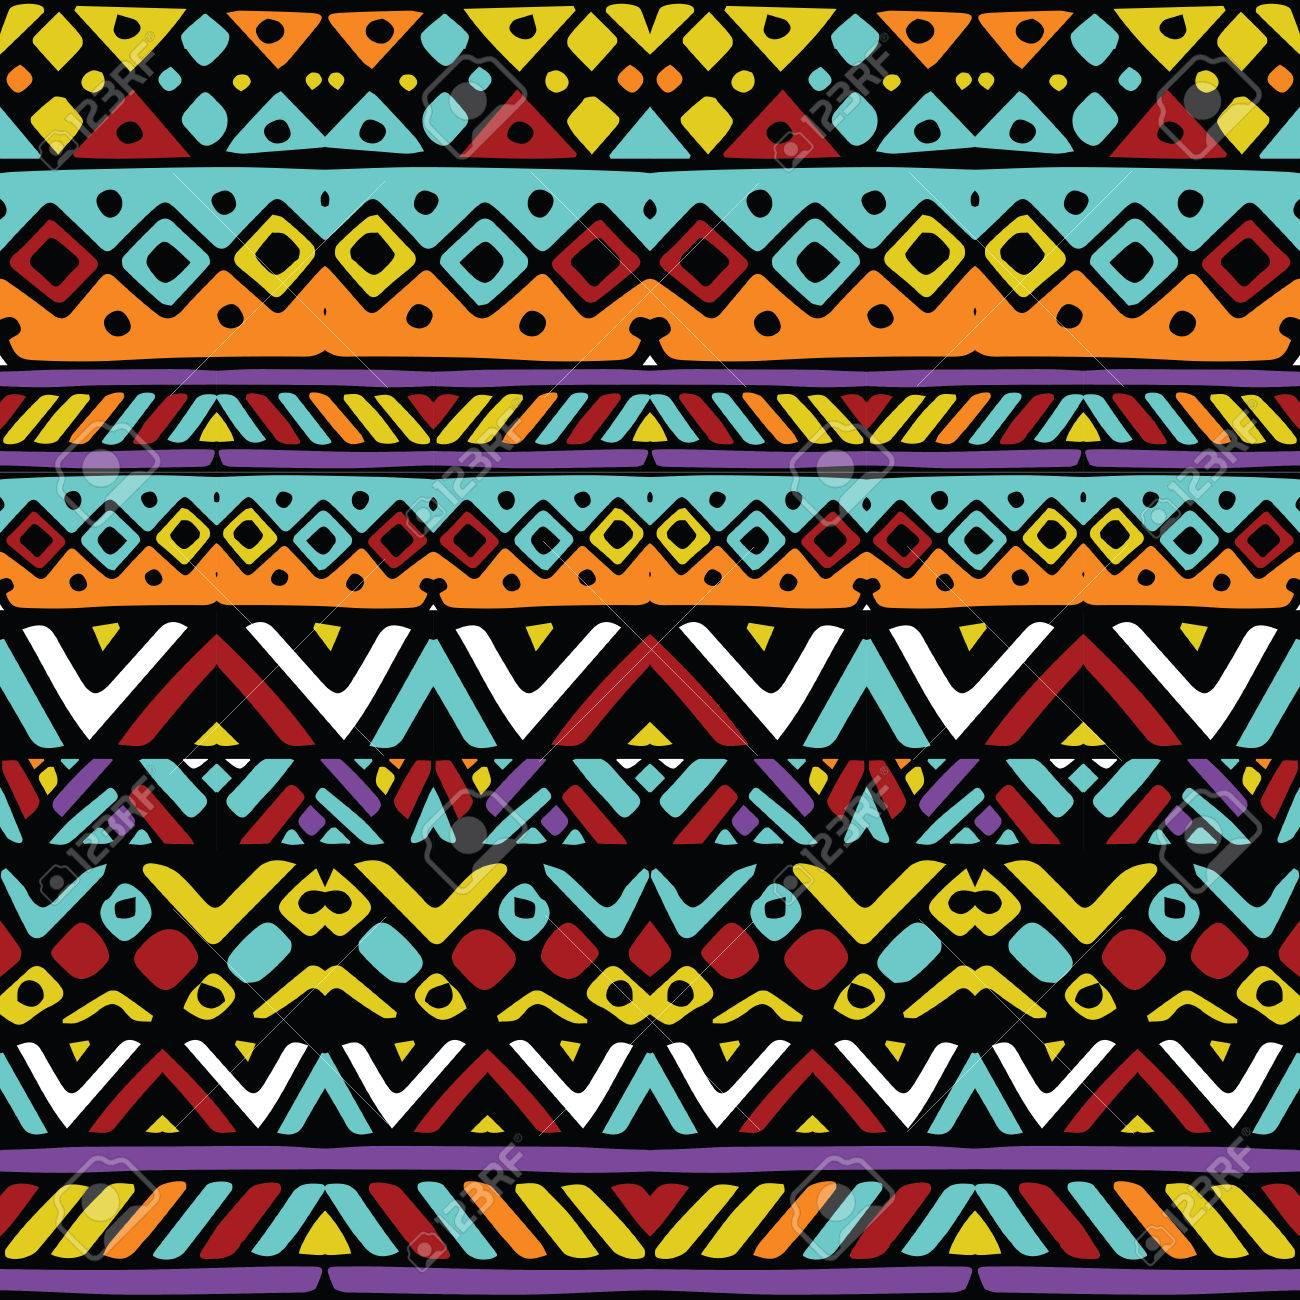 De Colores étnicos Rayas Tribales Mexicanos Sin Patrón Ilustración